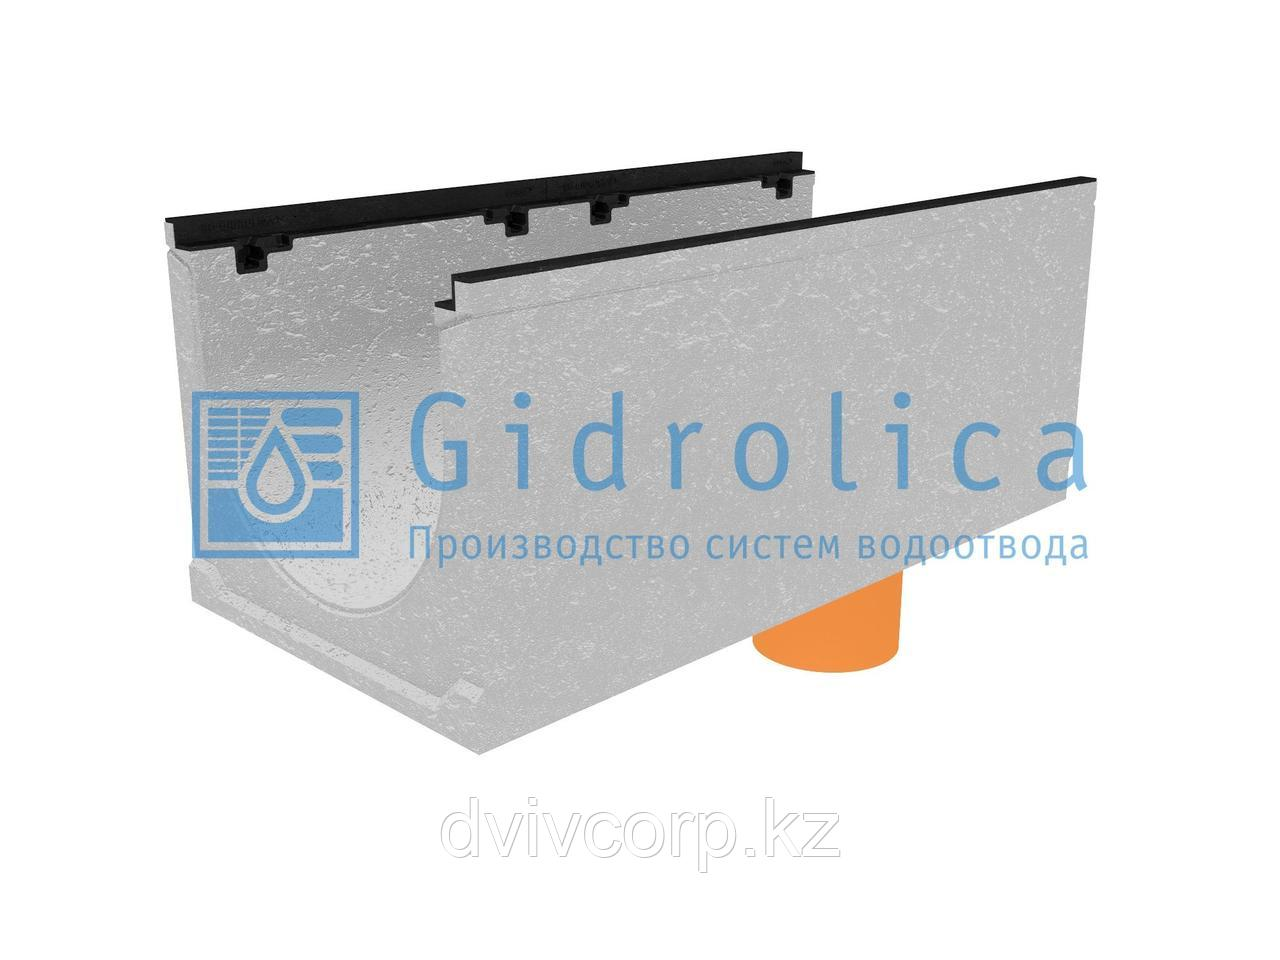 Лоток водоотводный бетонный коробчатый (СО-400мм), с чугунной насадкой, с водосливом КUв 100.49,9 (40).42(35)